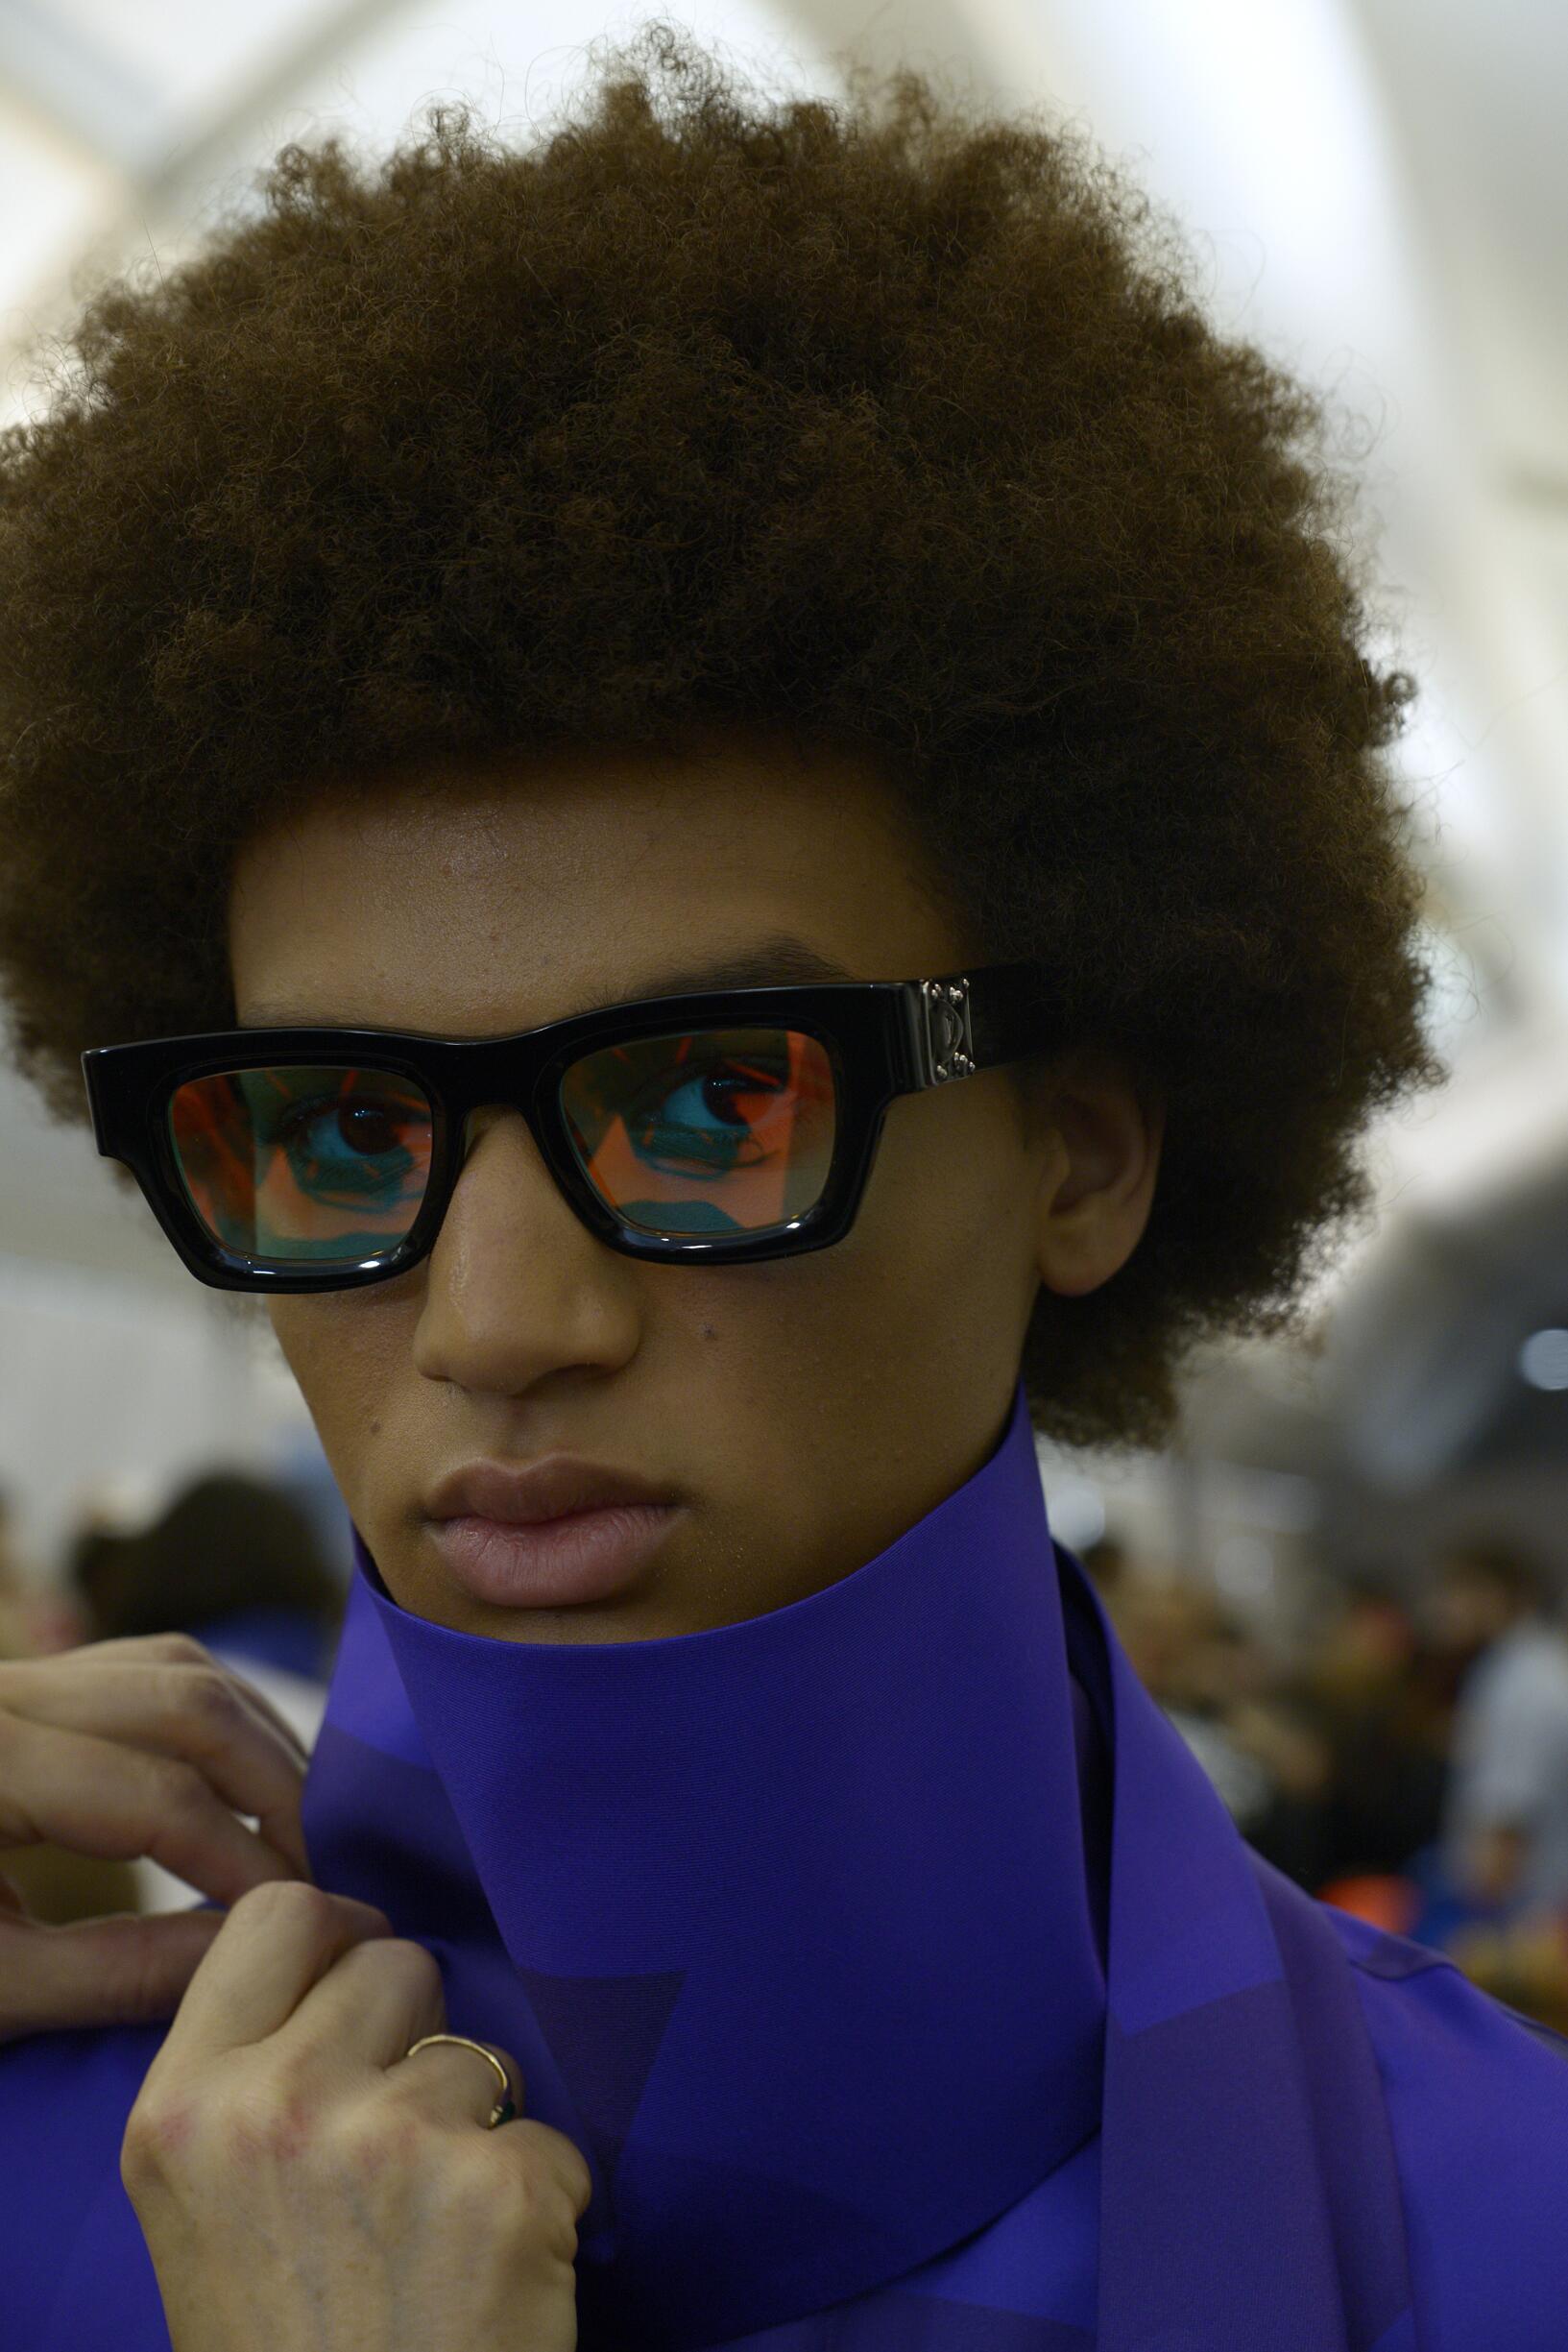 Backstage Louis Vuitton Model Portrait